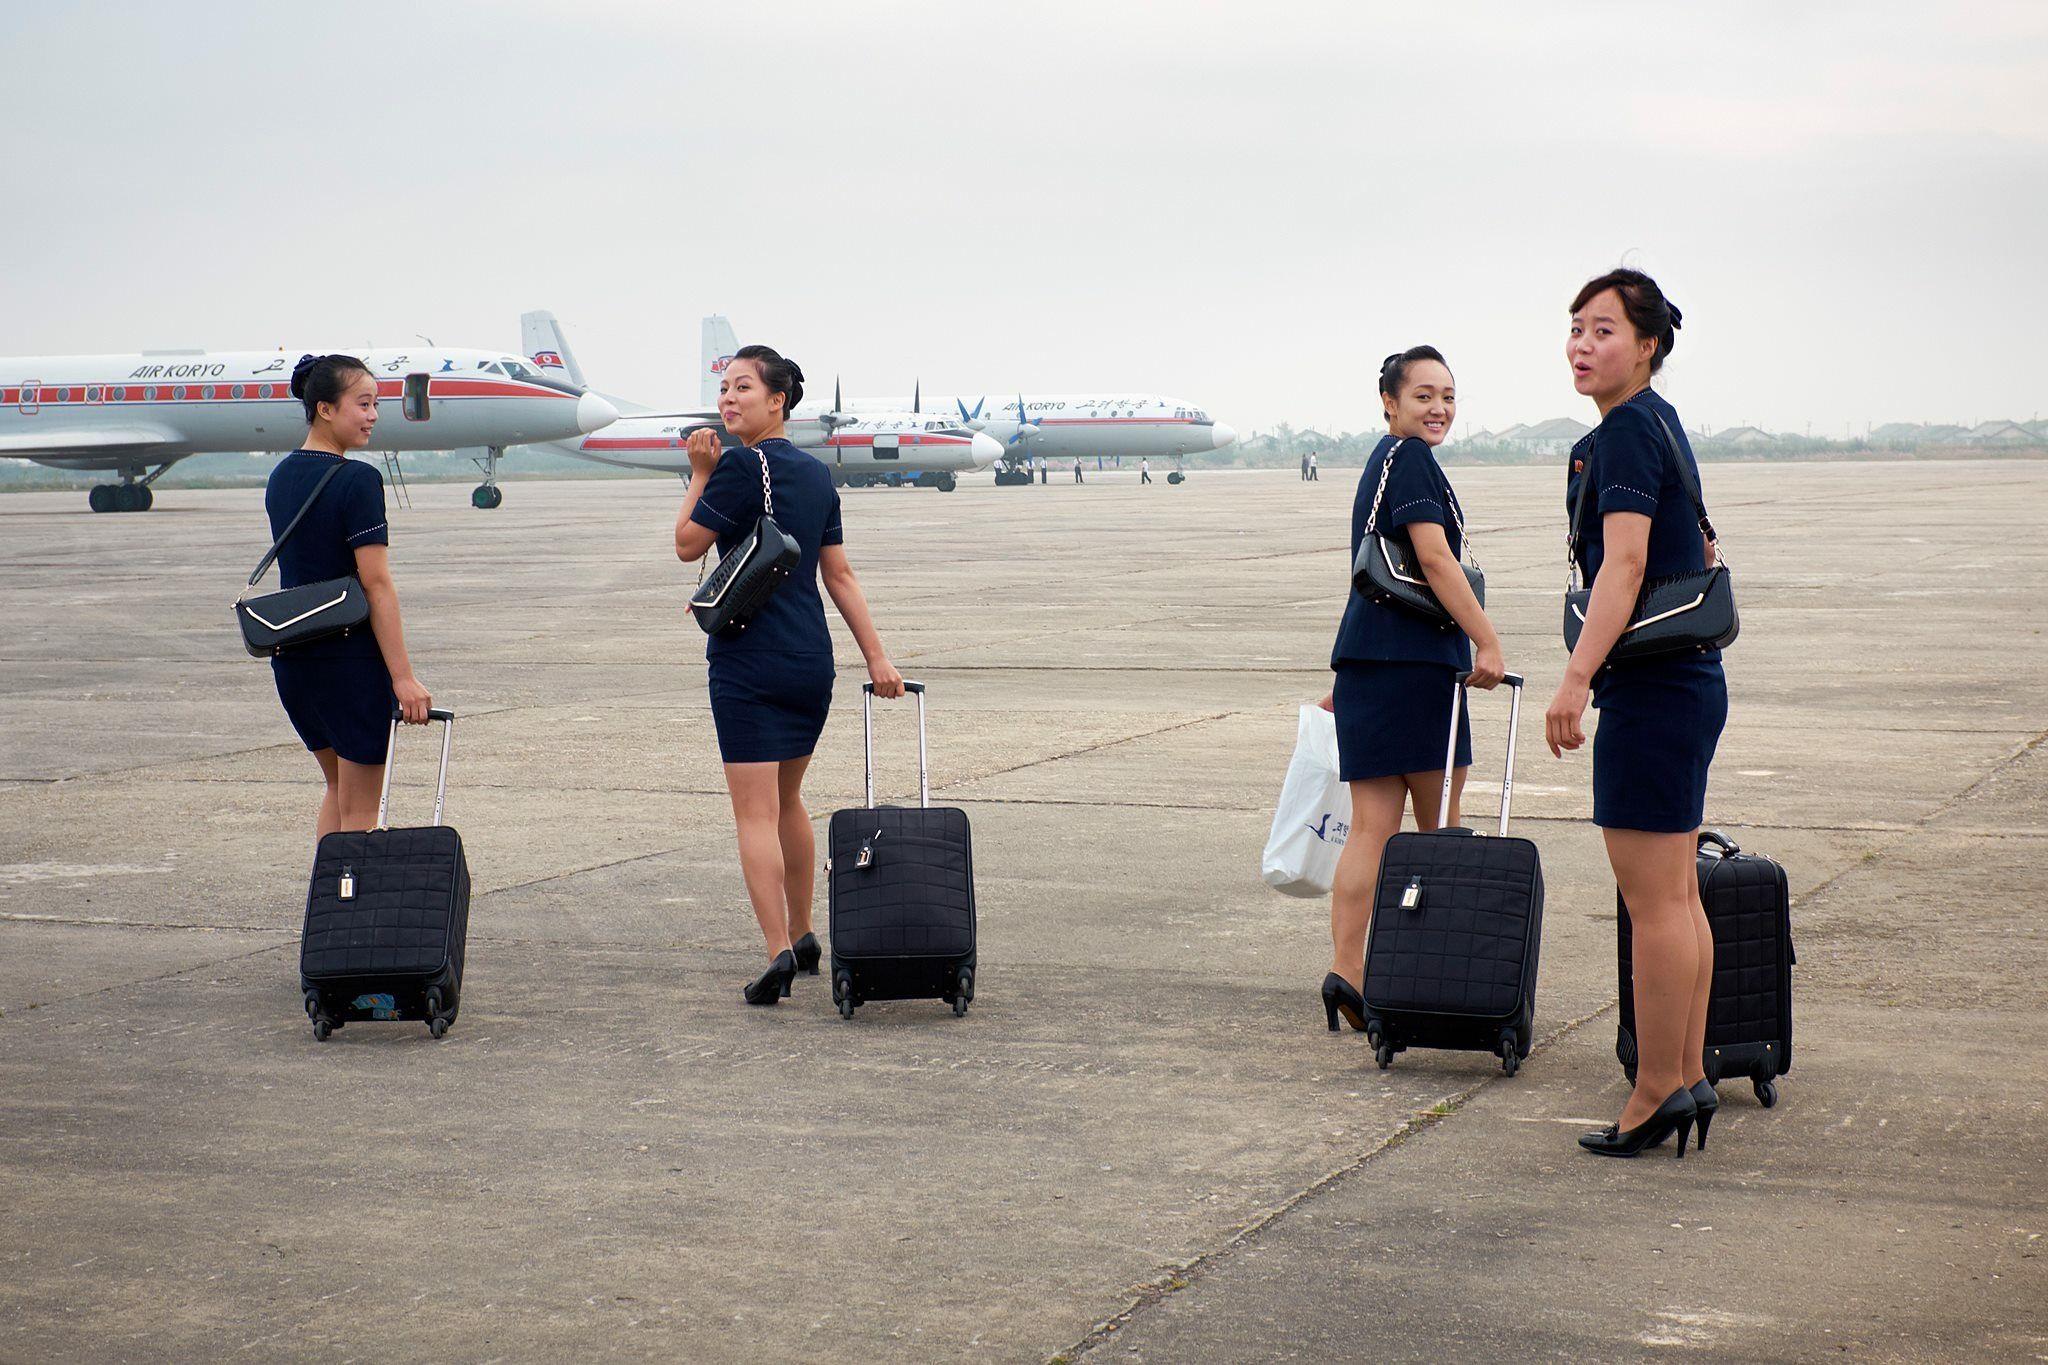 вместе разберемся, стюардессы кореи фото большую